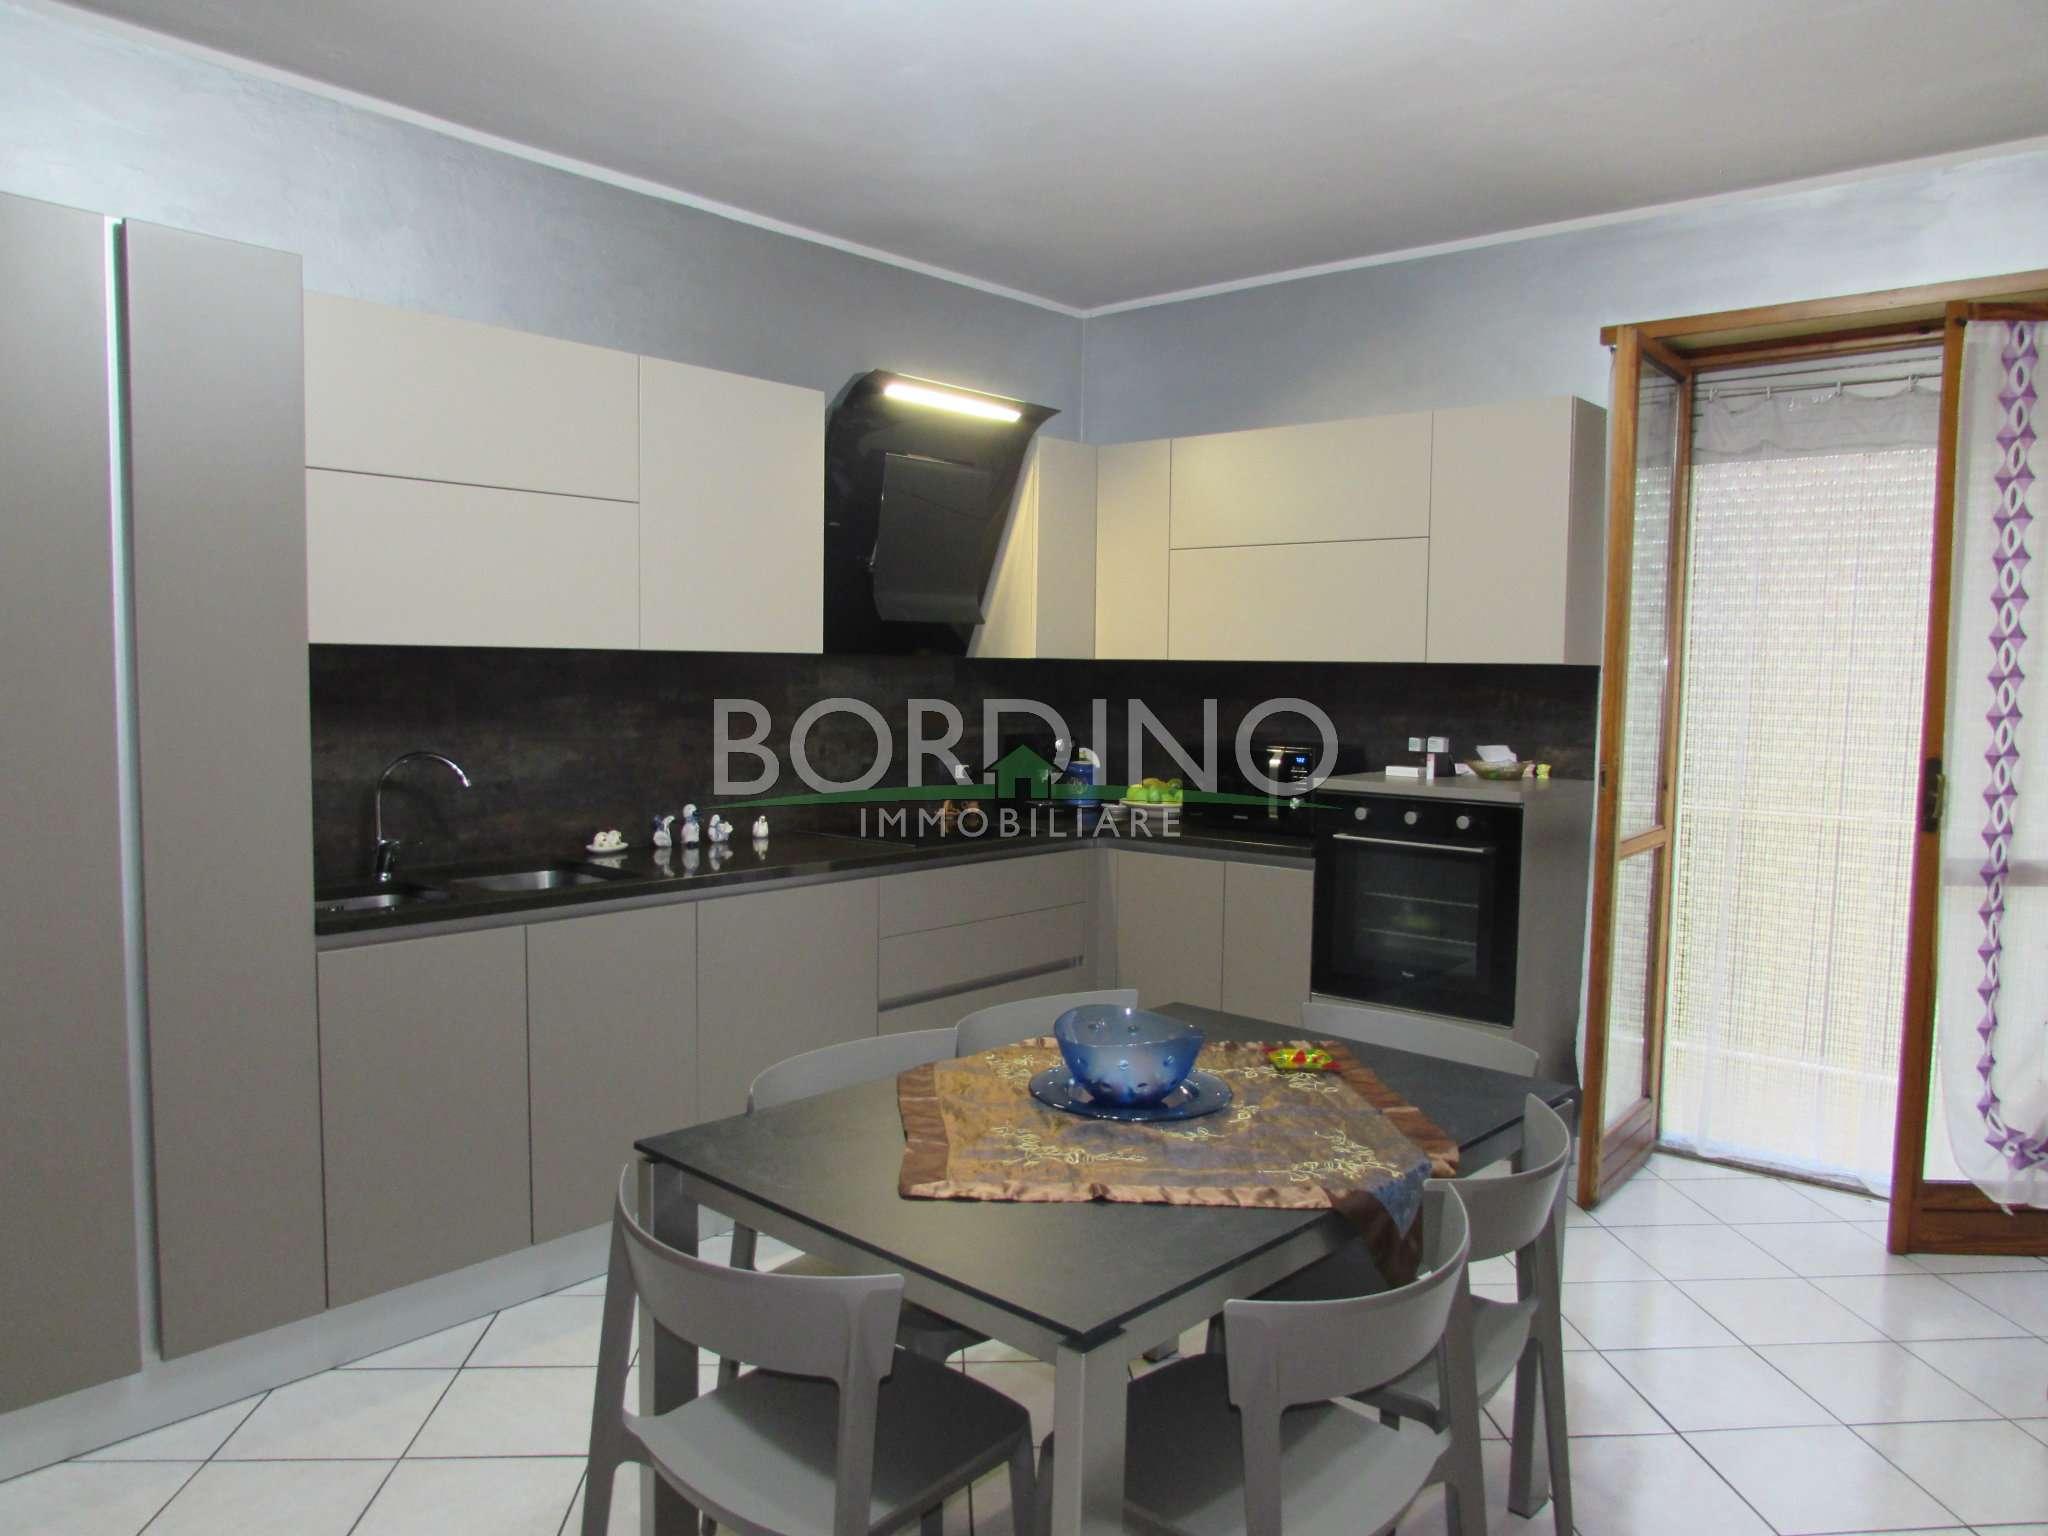 Appartamento ristrutturato in vendita Rif. 4829701